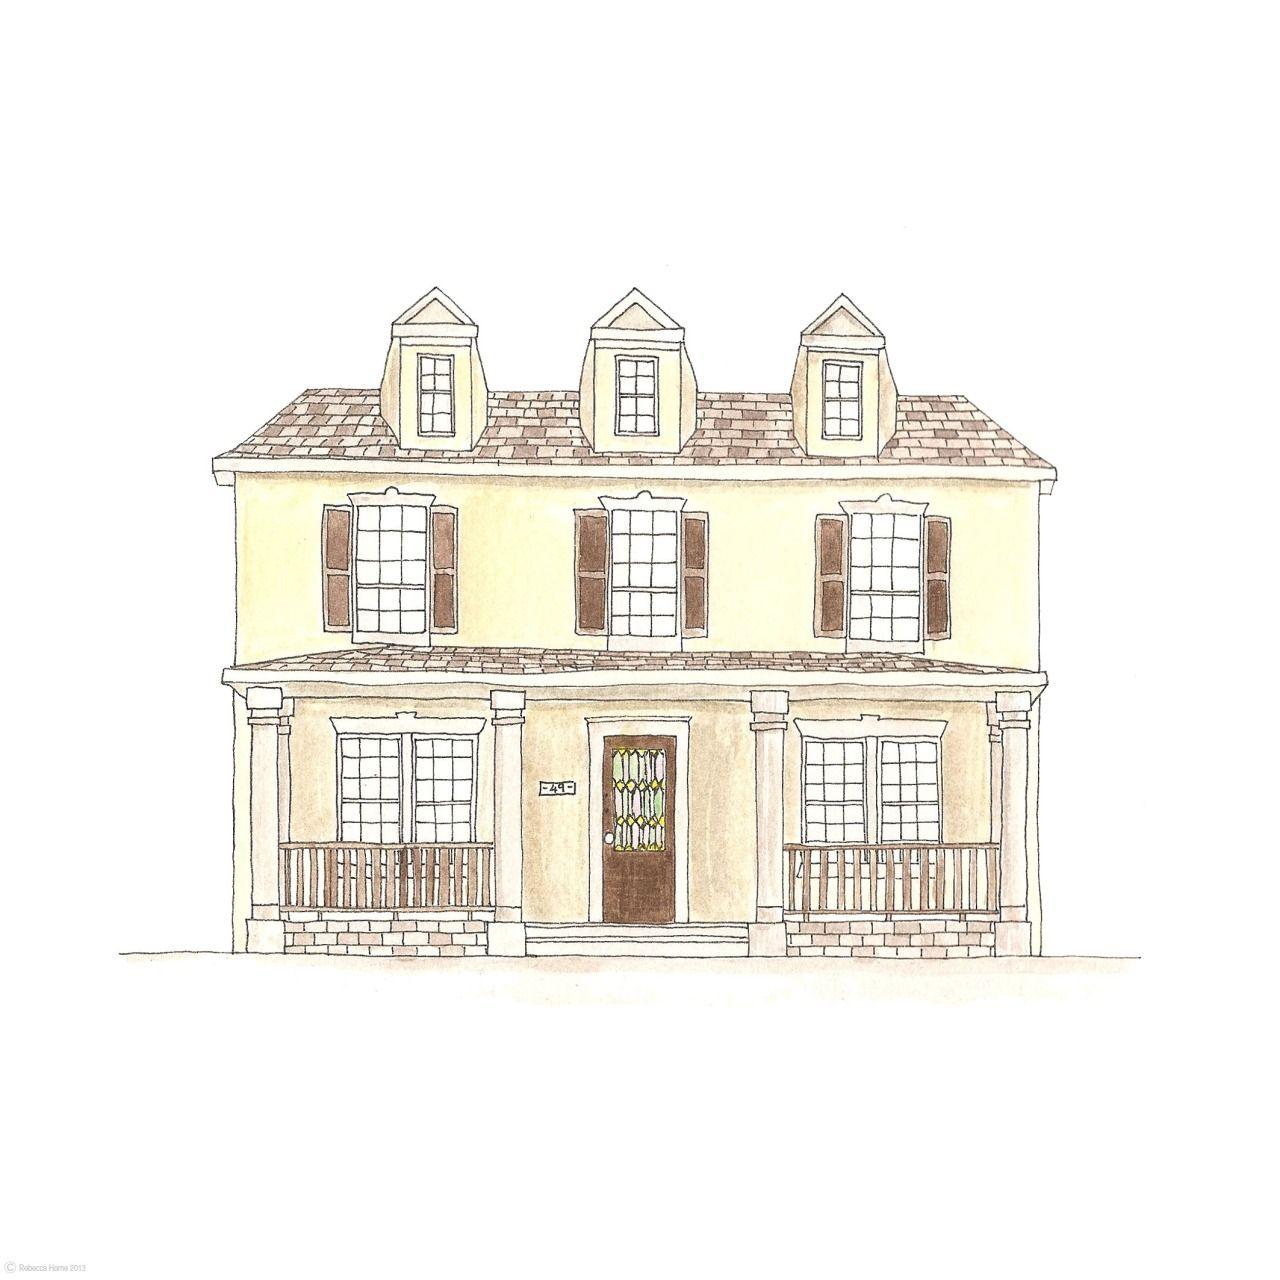 49. Brown House | Rebecca Horne, illustration